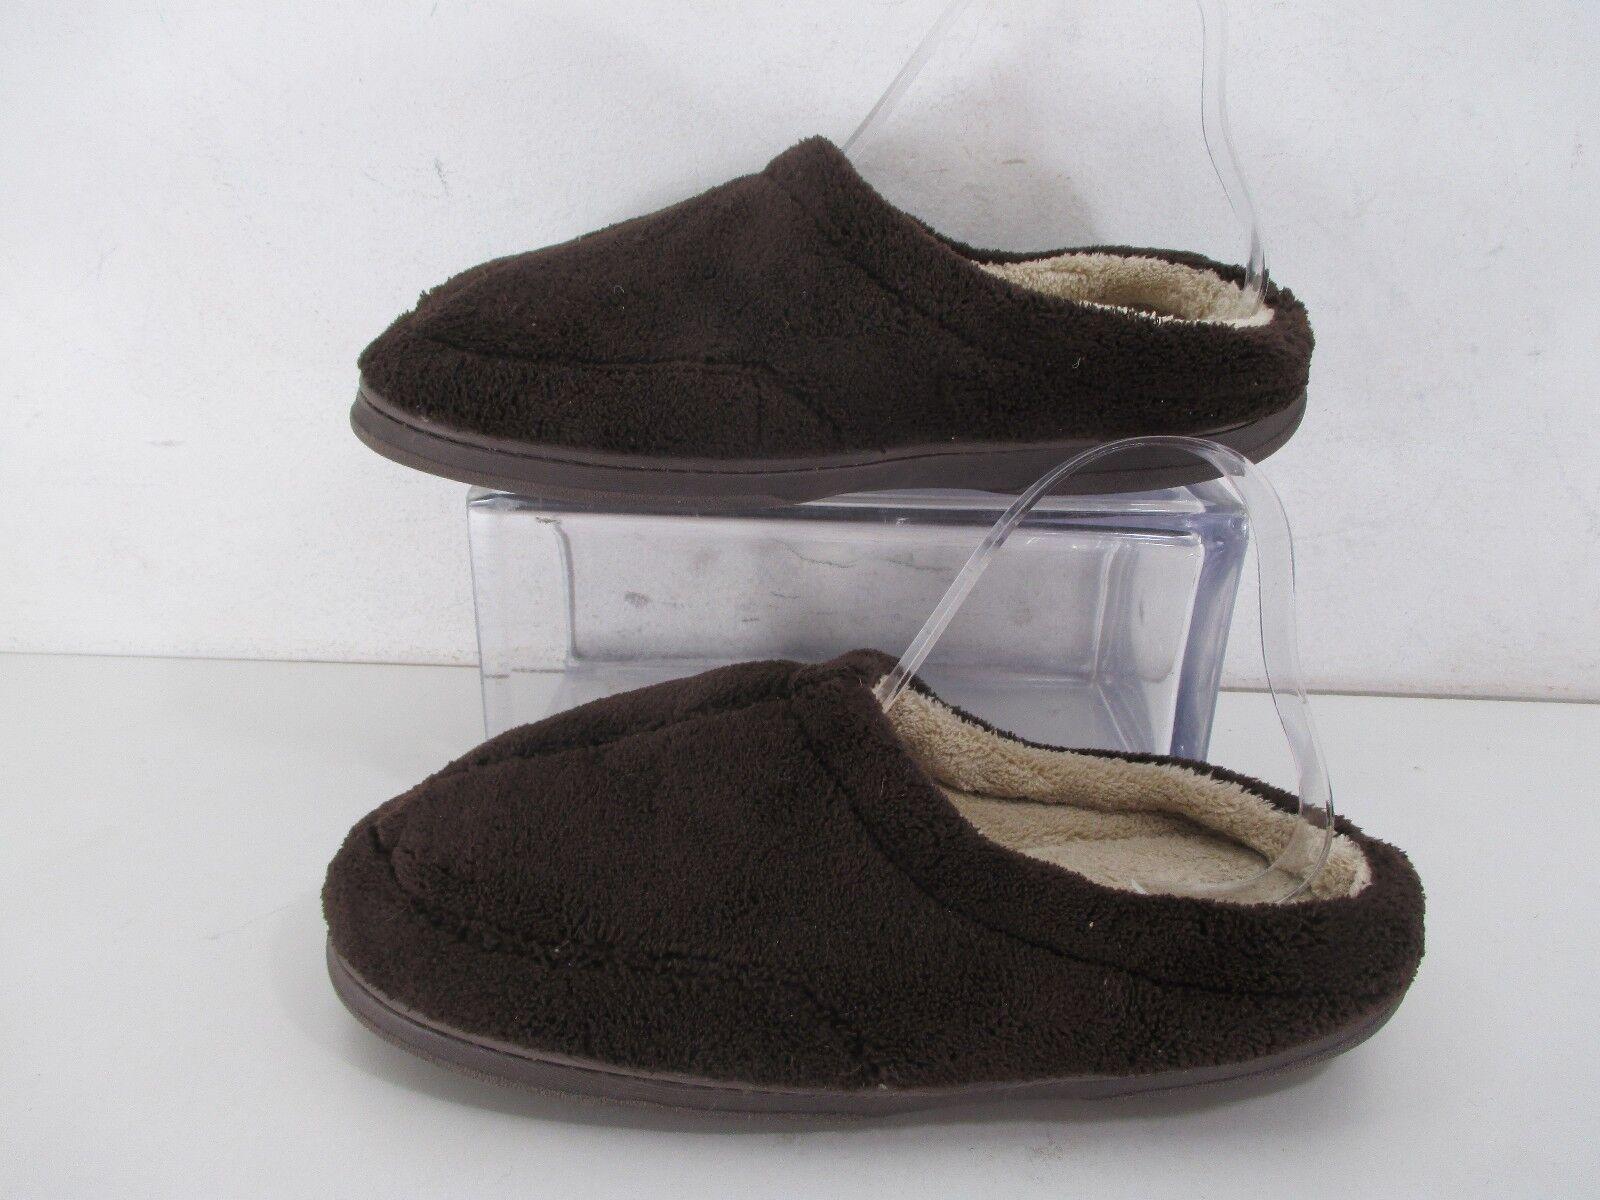 1b7f929681bf Dearfoams Soft Supple Terry Cloth Slippers Brown Sz 7-8-M (B1967) -  aijaz.info